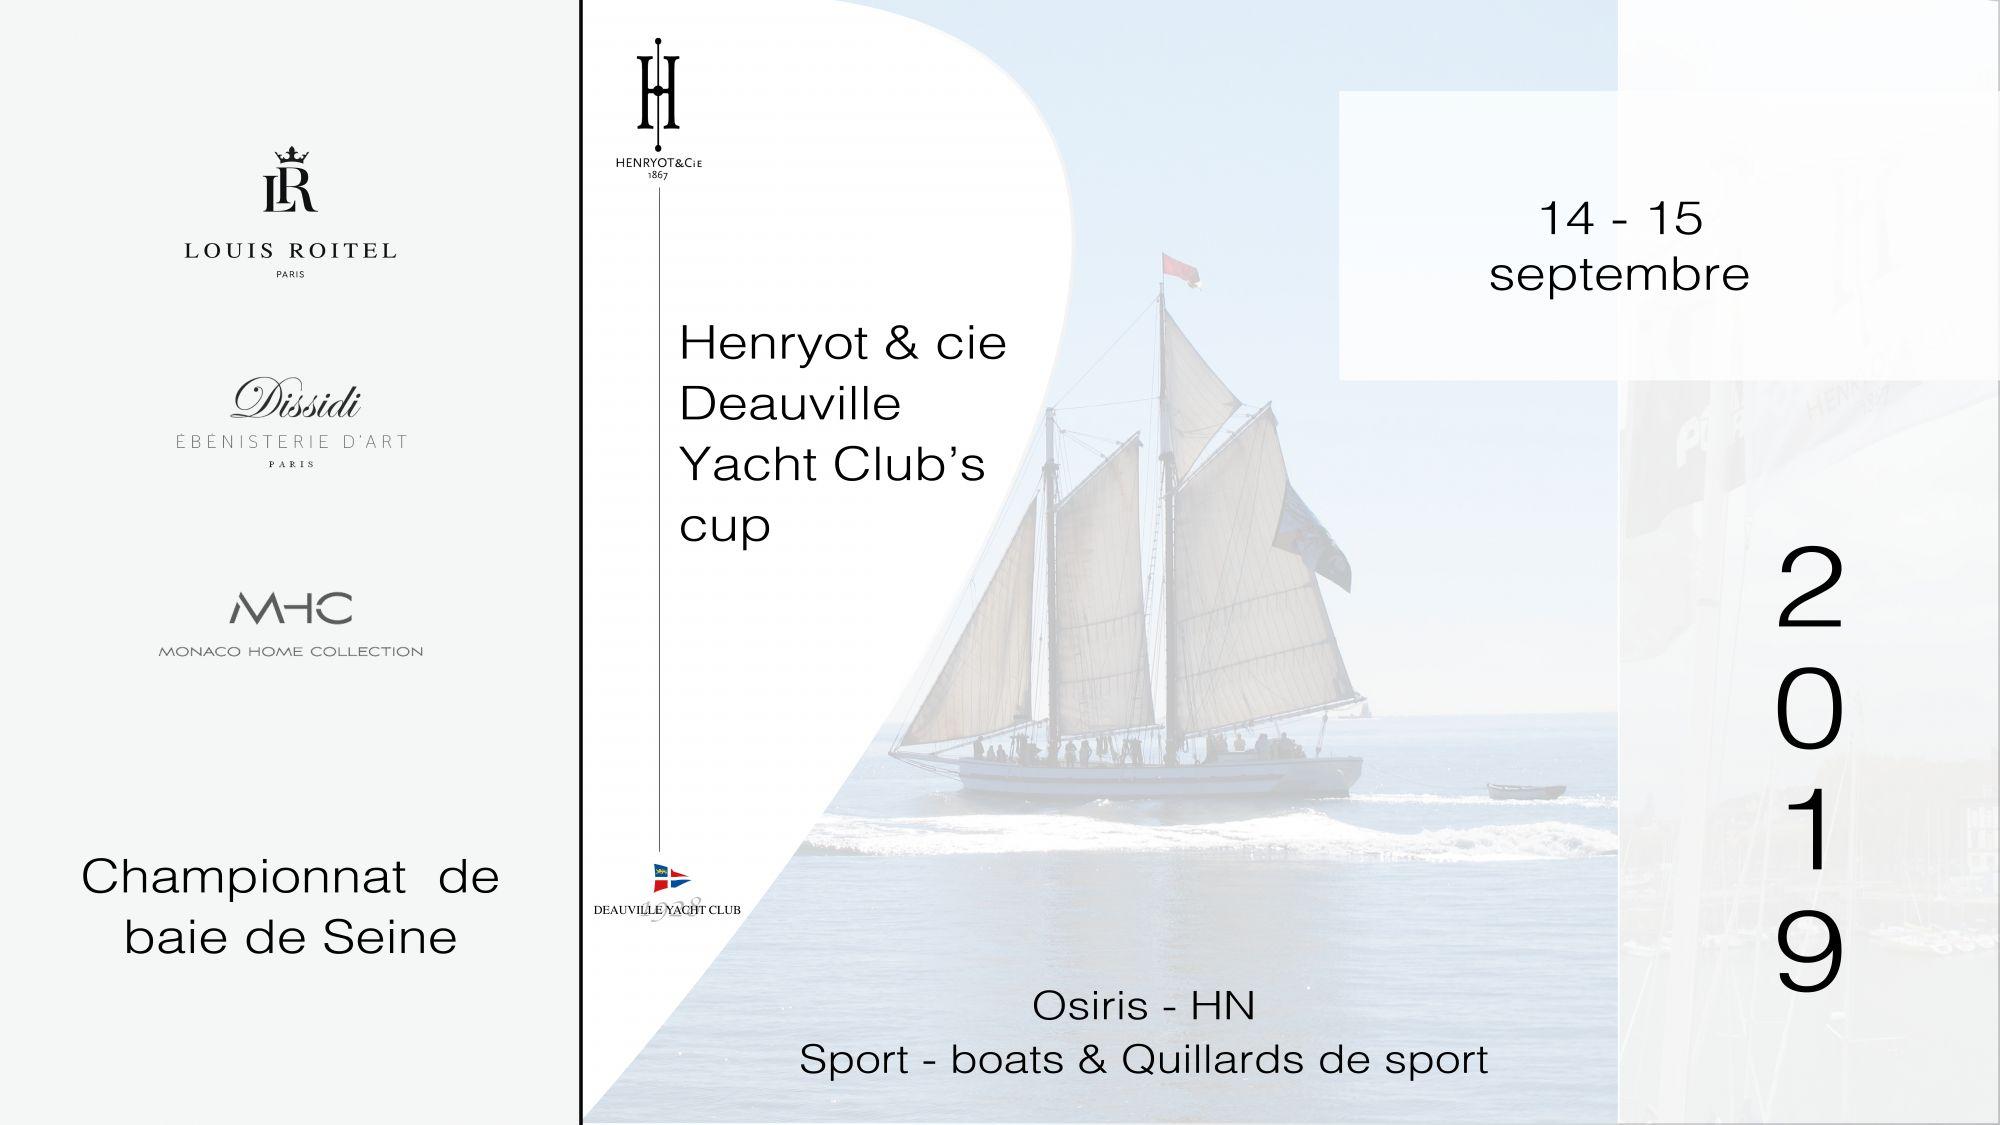 Régate henryot & cie yacht club deauville 2019